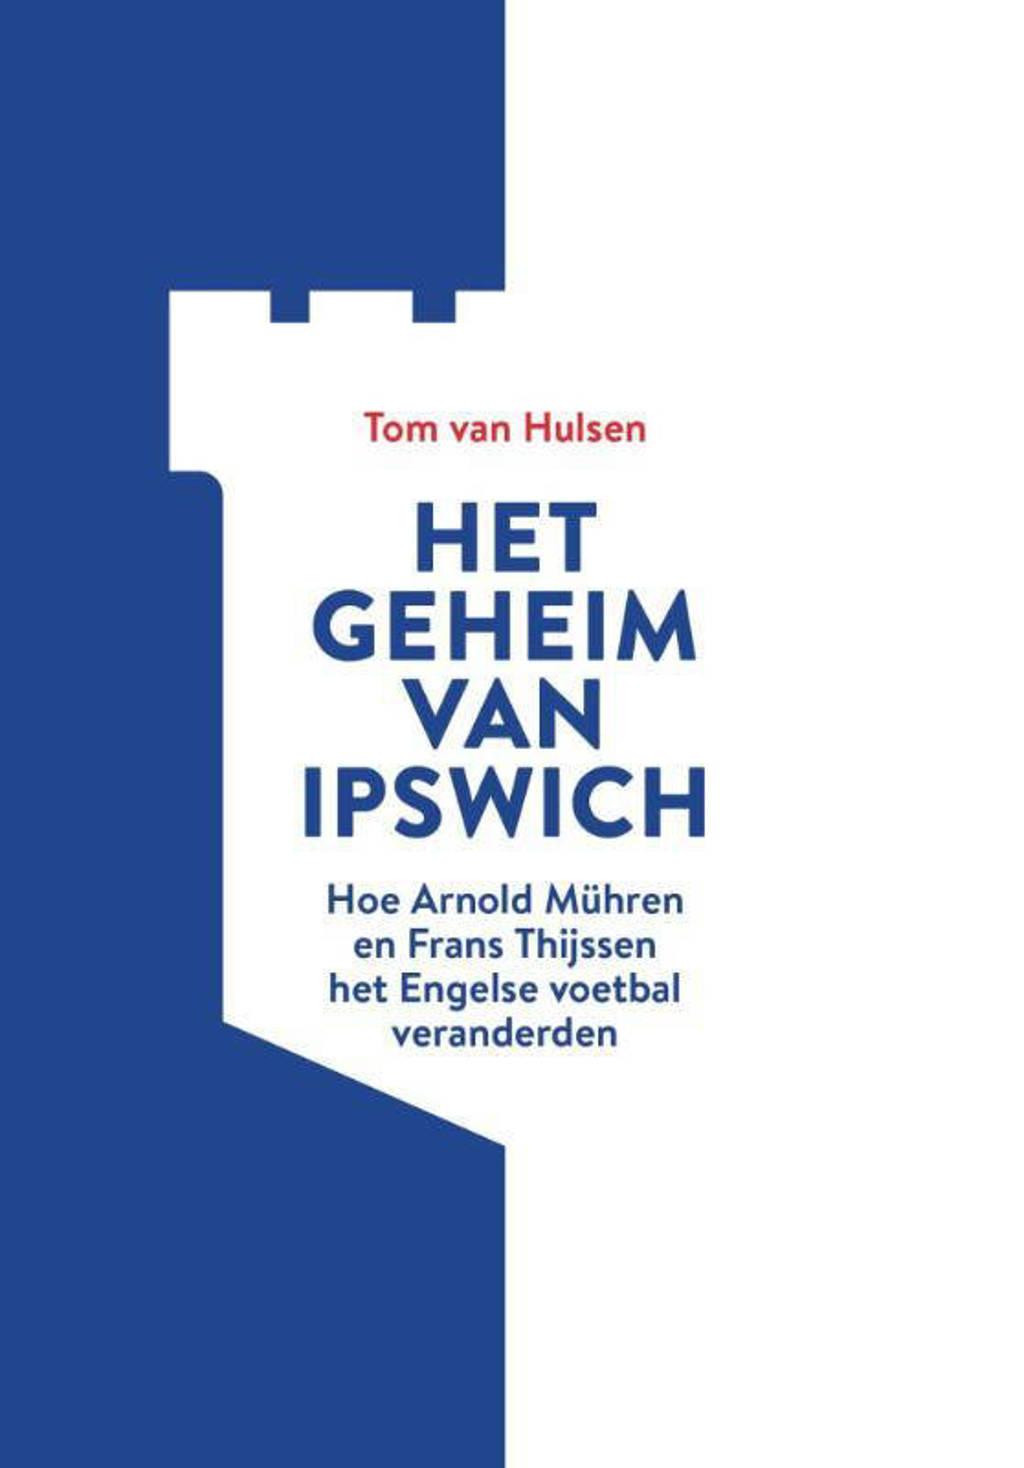 Het geheim van Ipswich - Tom van Hulsen